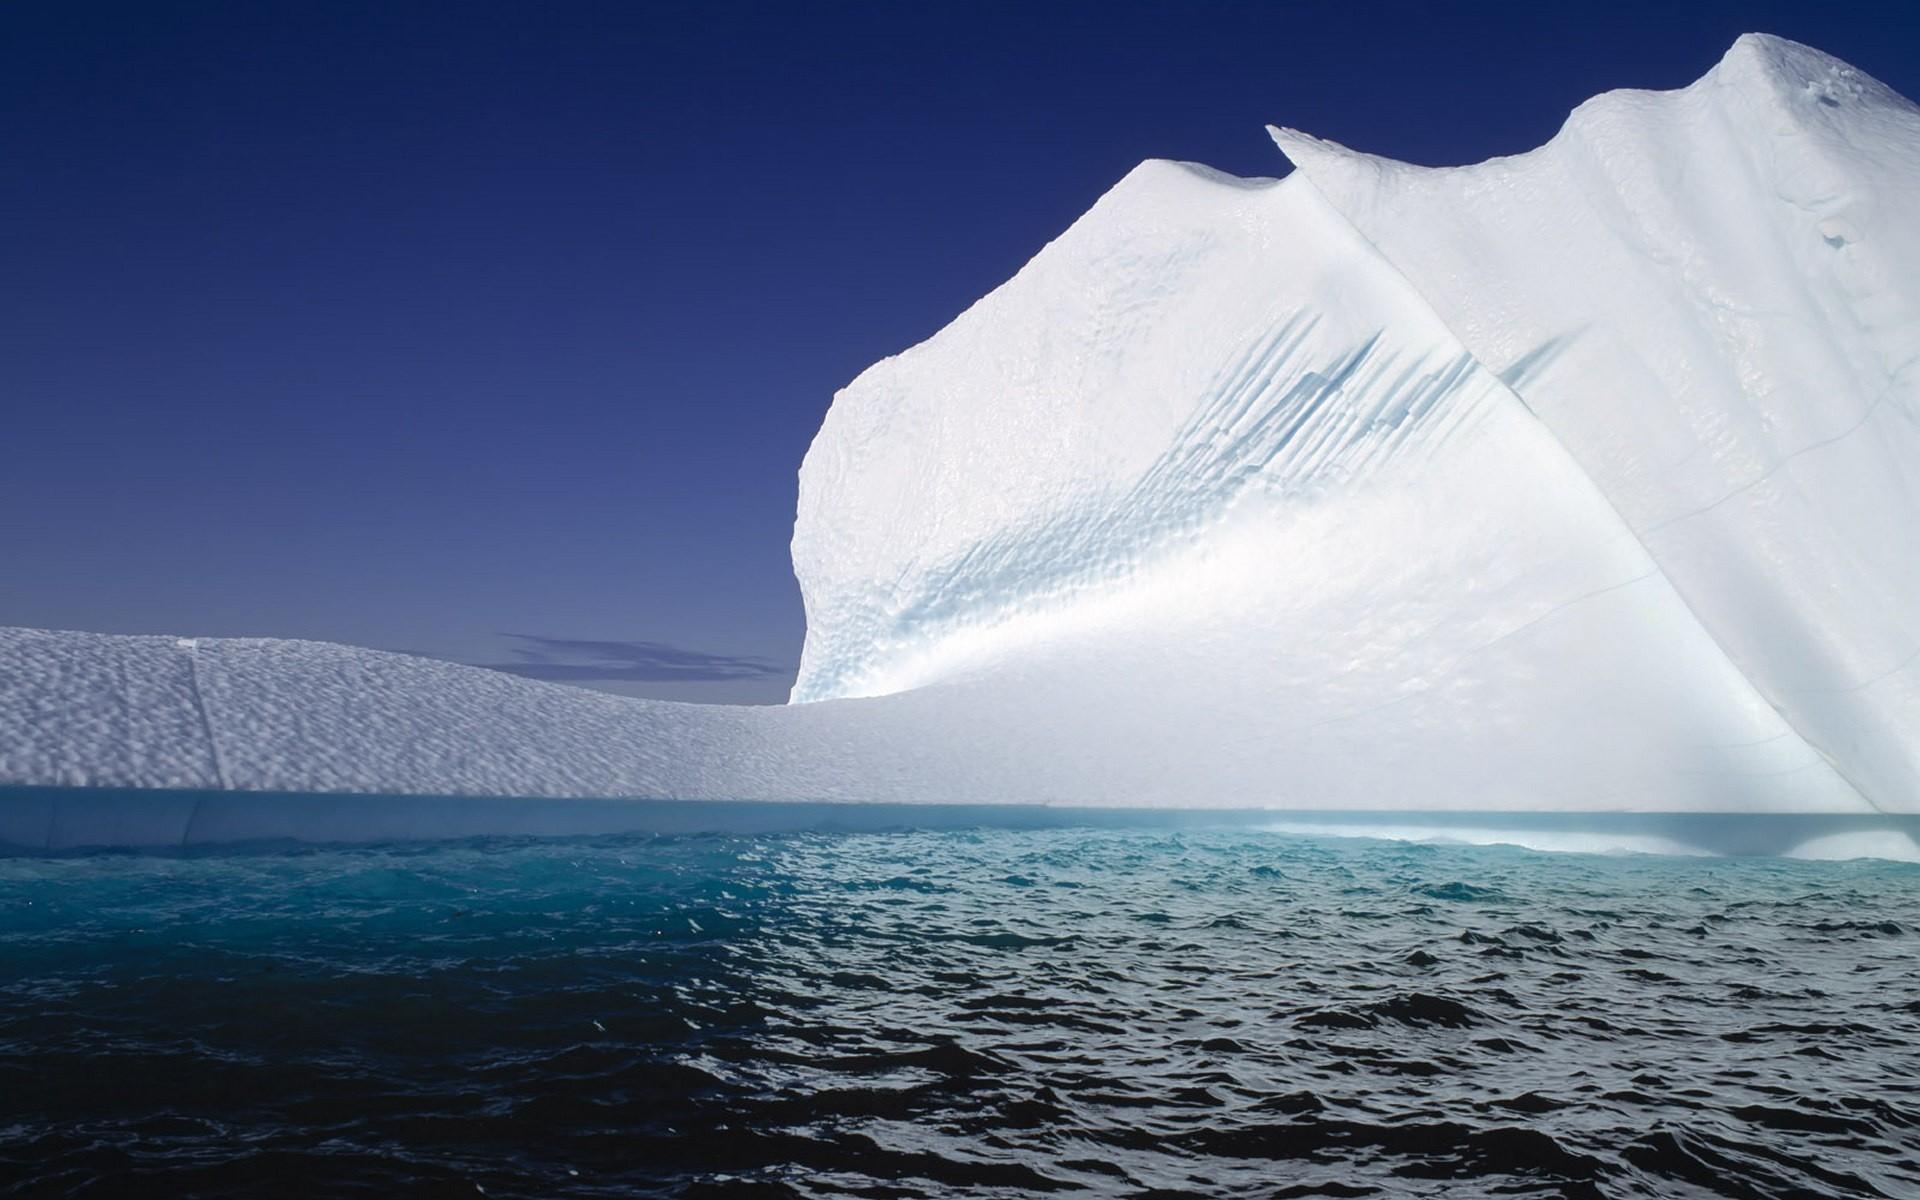 айсберг что это такое фото что-то выходит строя